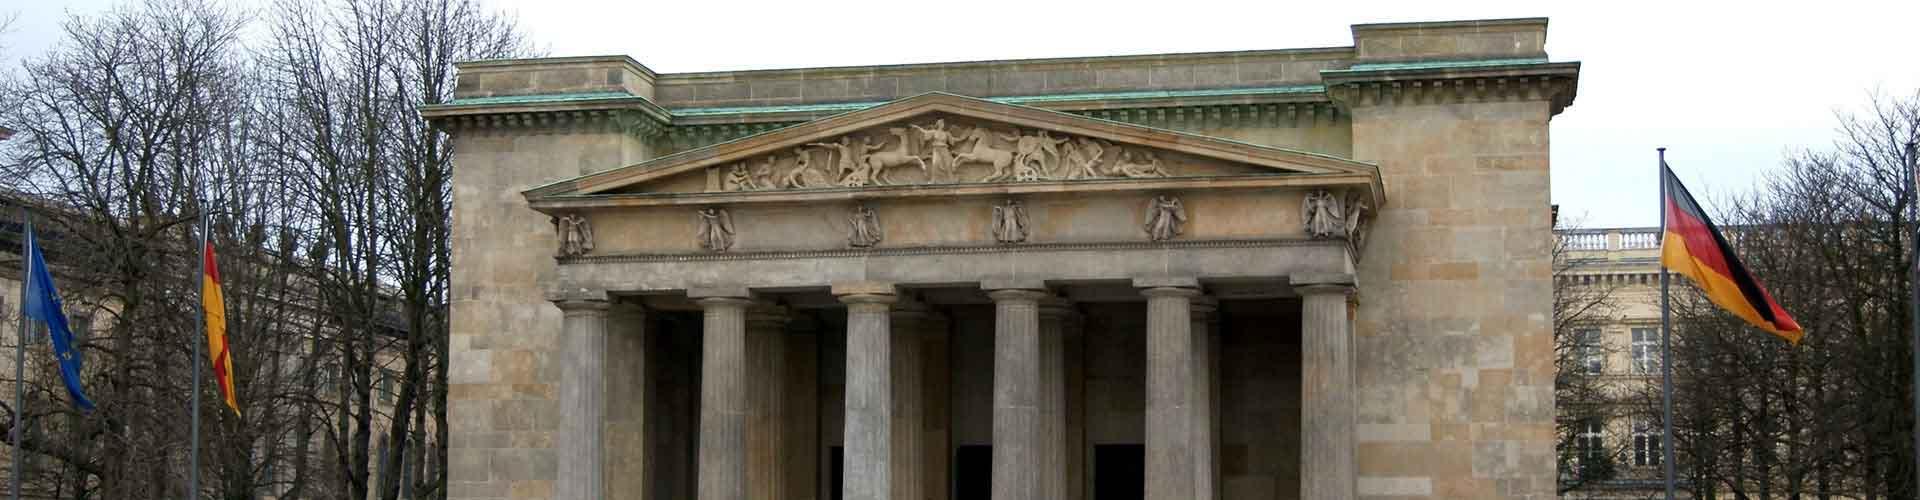 Berlim – Albergues próximos a Neue Wache e Zeughaus. Mapas para Berlim, Fotos e Avaliações para cada Albergue em Berlim.